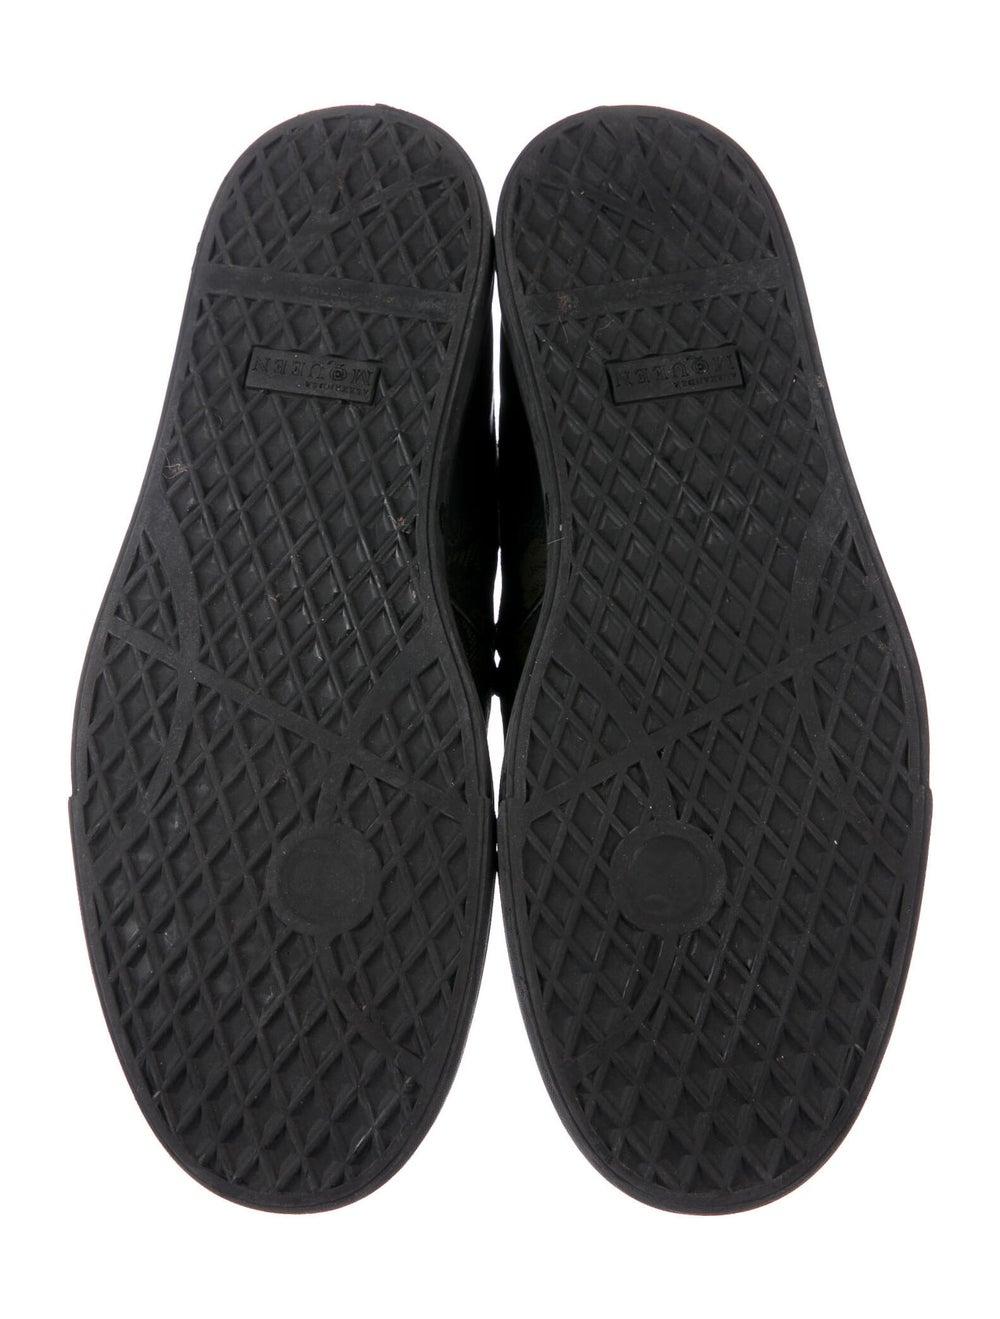 Alexander McQueen Printed Sneakers Black - image 5